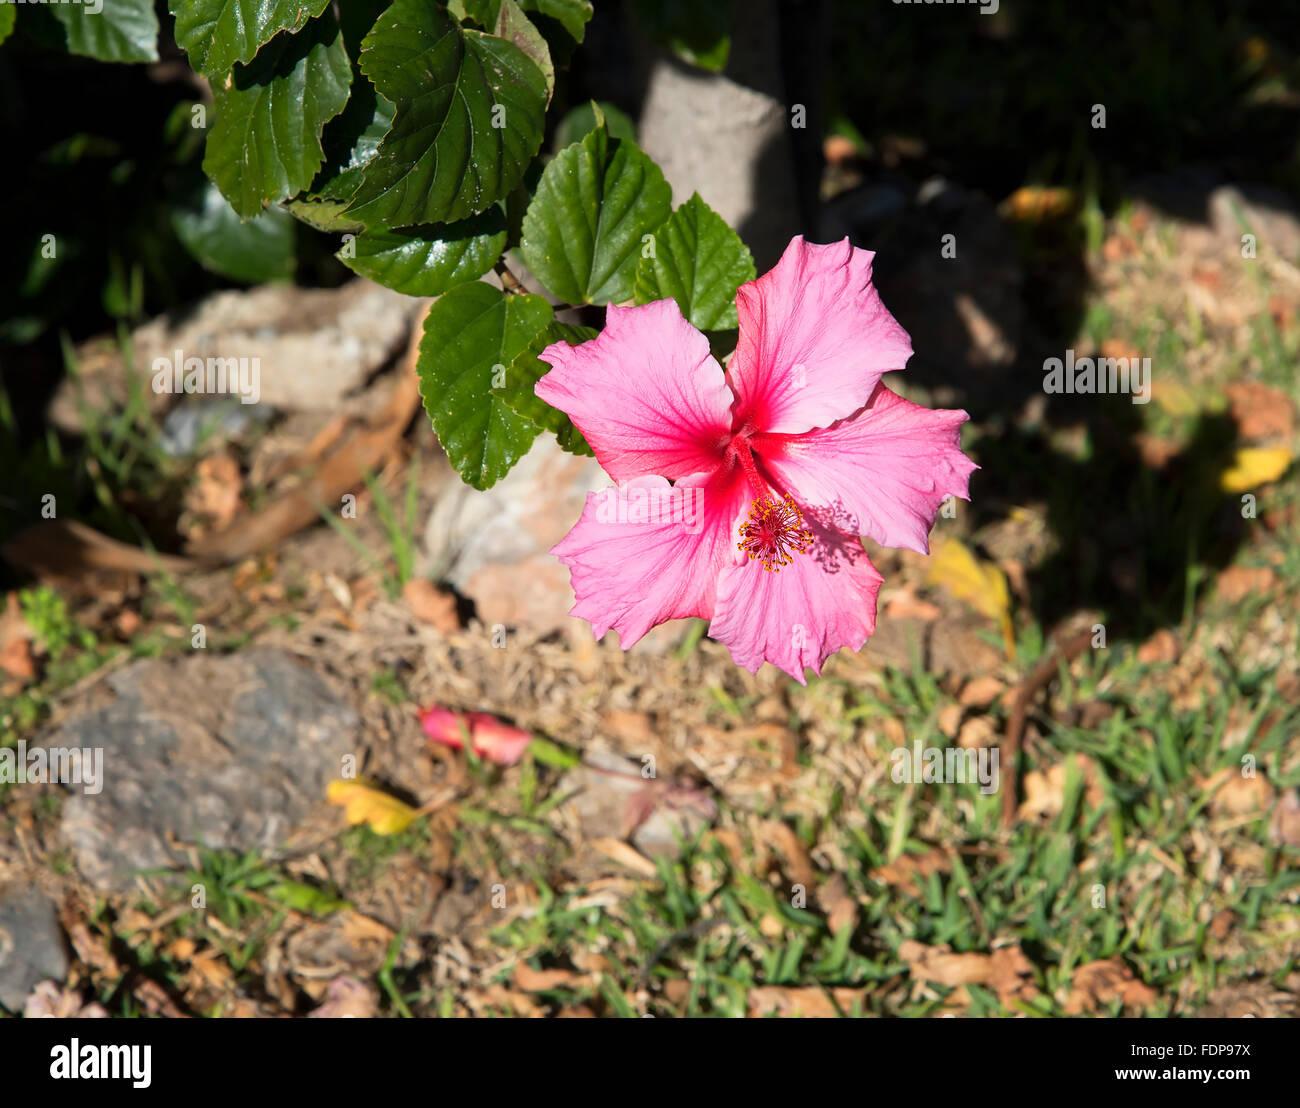 Hibiscus Flower Andalucia Stock Photos Hibiscus Flower Andalucia